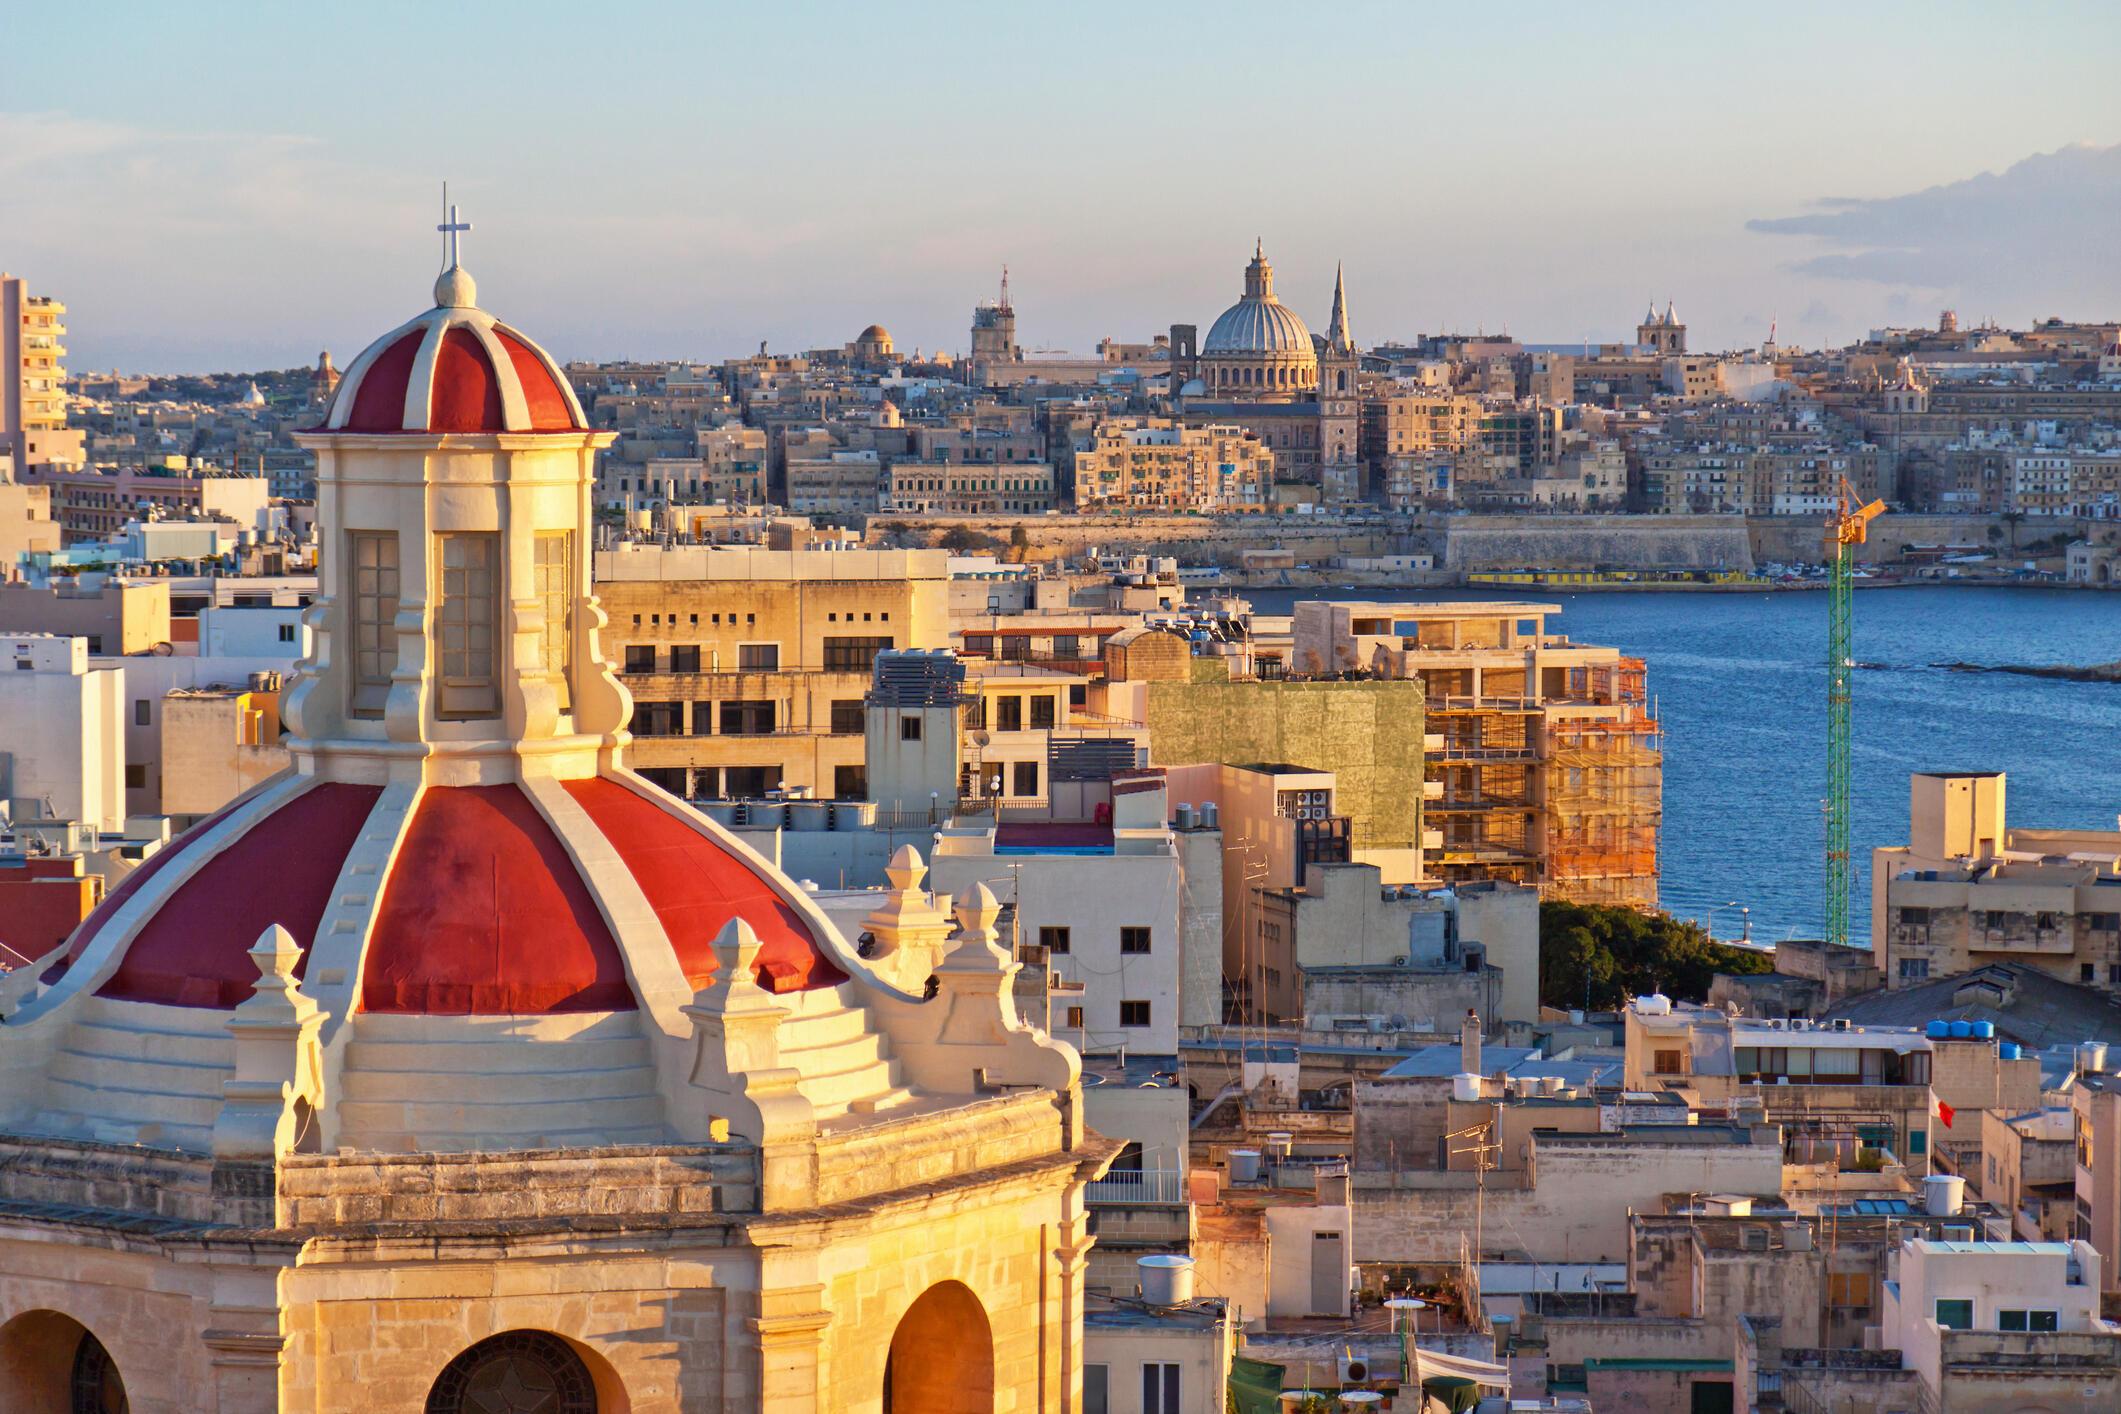 Vue de La Valette, capitale de Malte (image d'illustration).